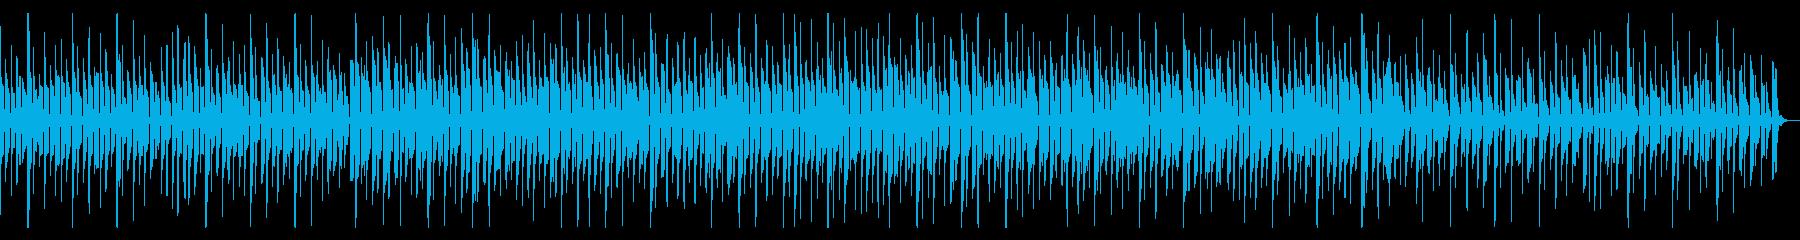 コミカルでのんびりとした楽曲ですの再生済みの波形